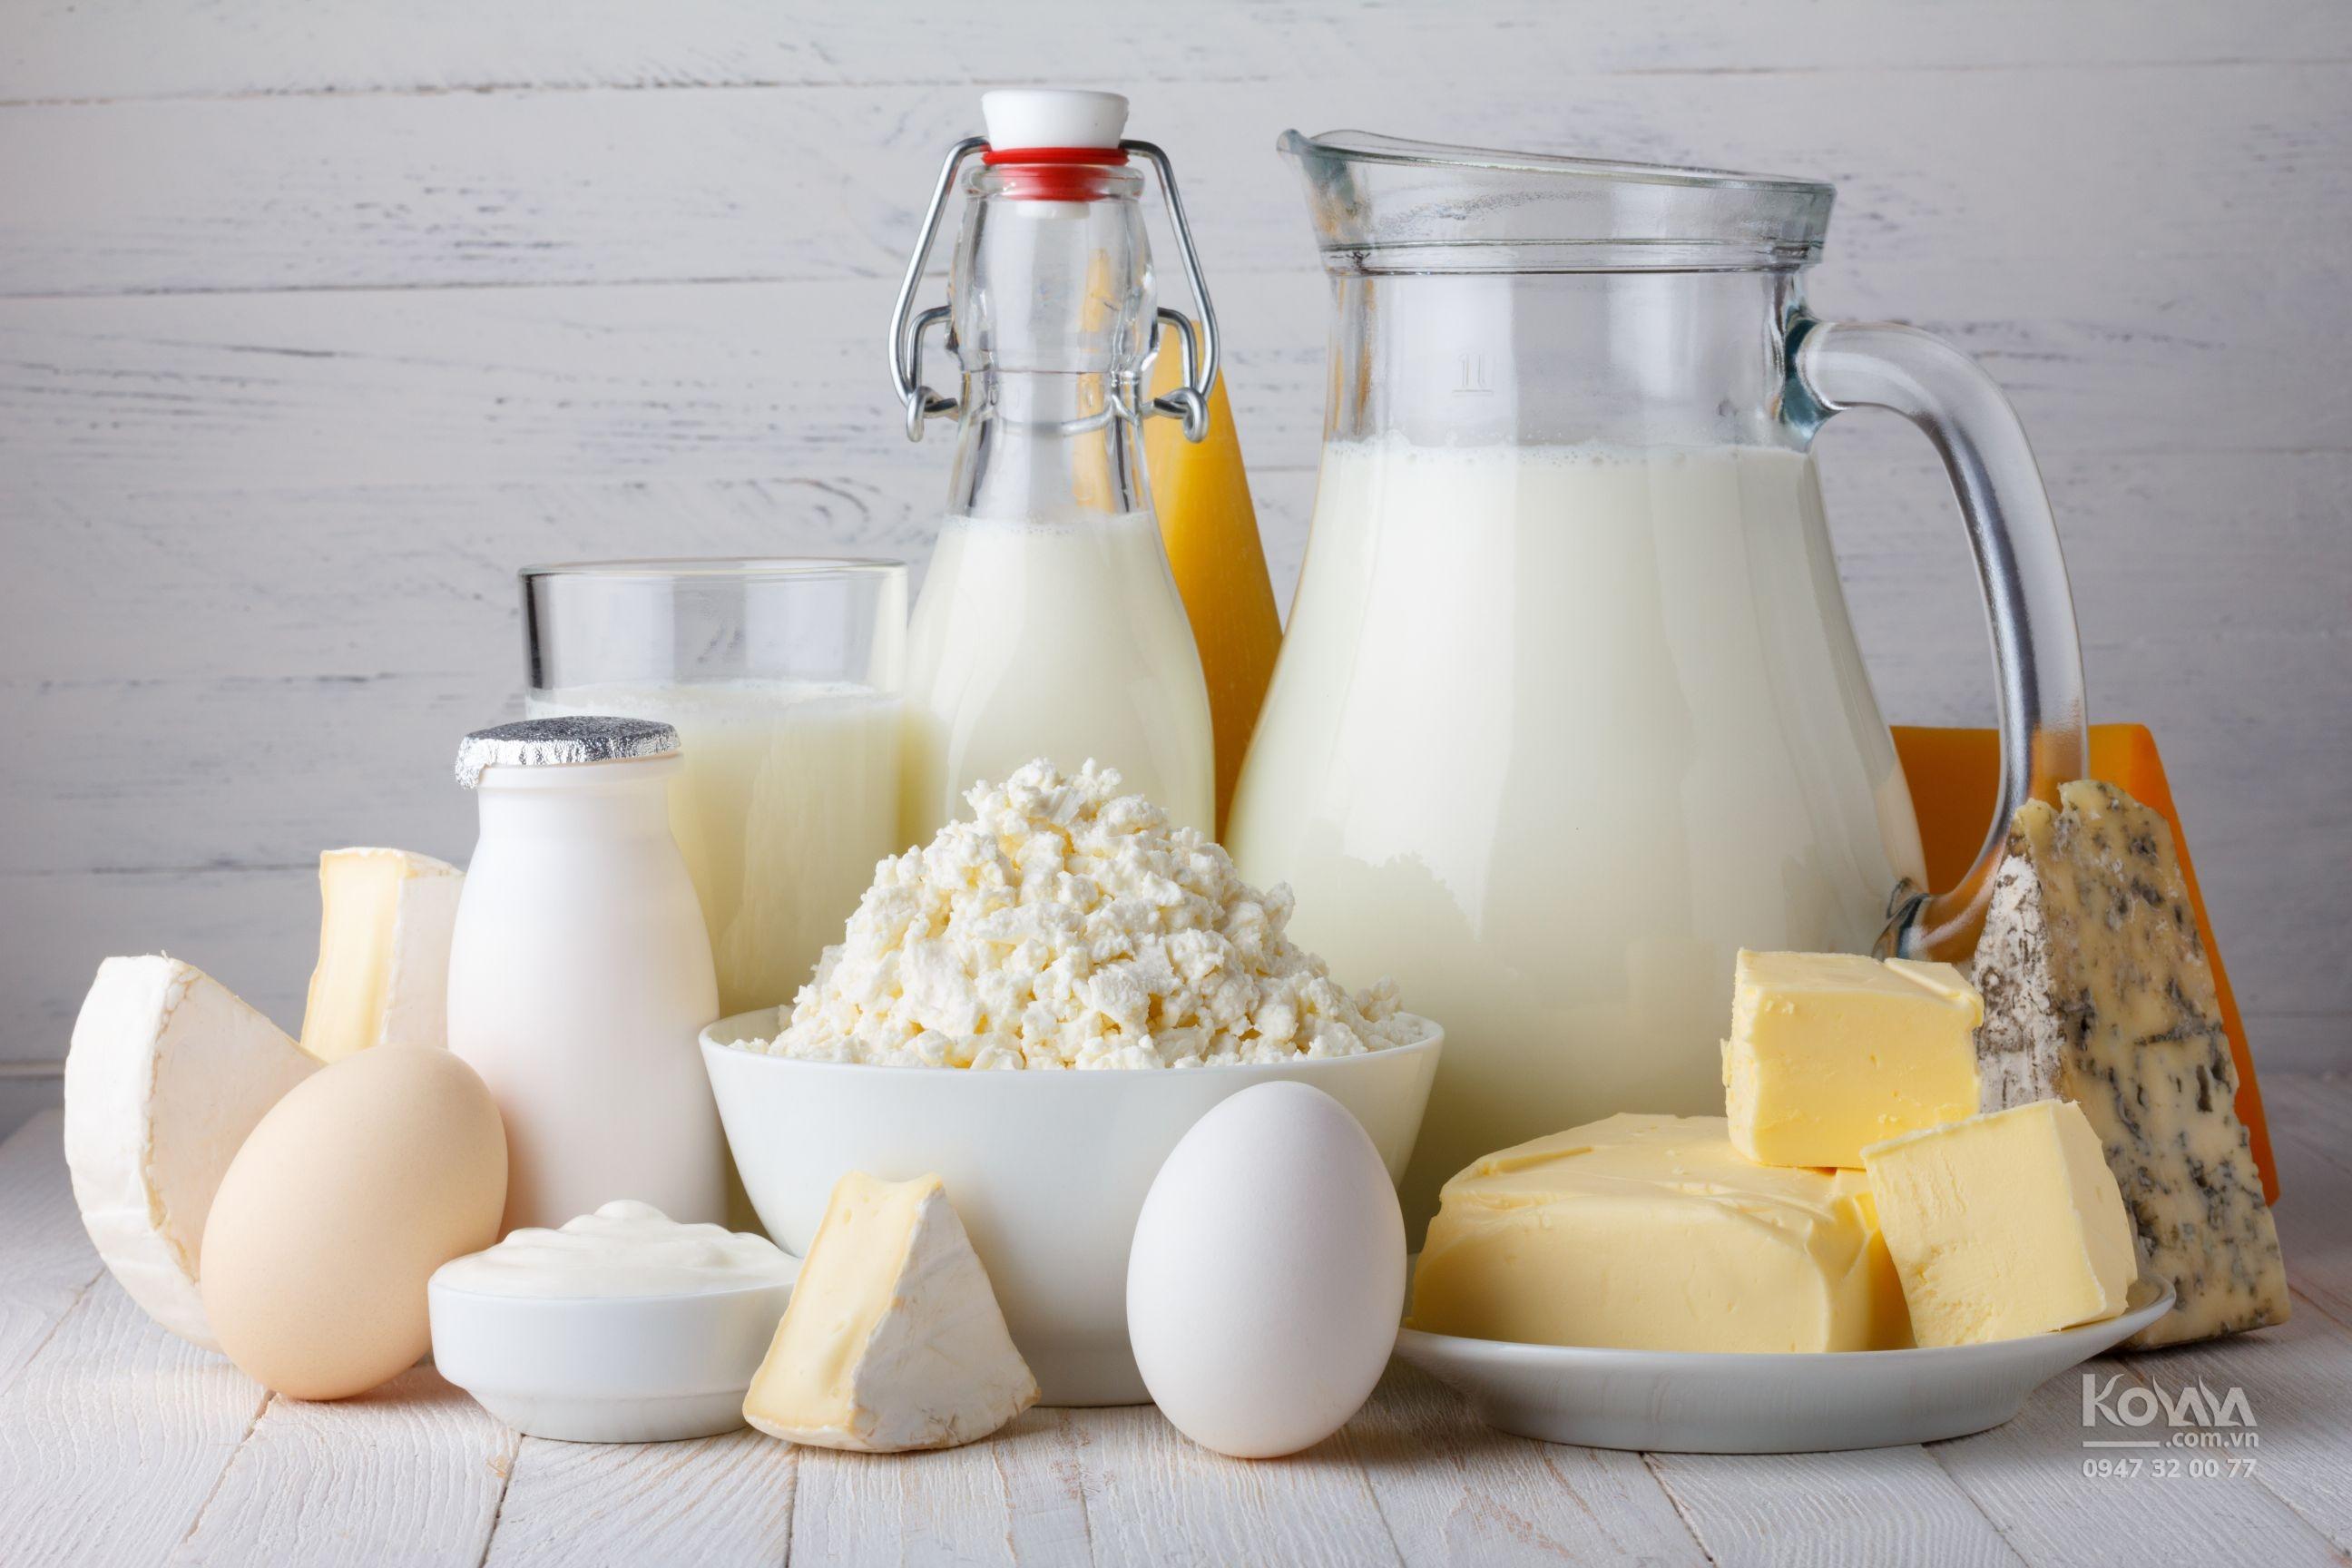 có nên cho bé dùng sữa hạt, cách dùng sữa hạt cho bé, sữa hạt nguyên chất